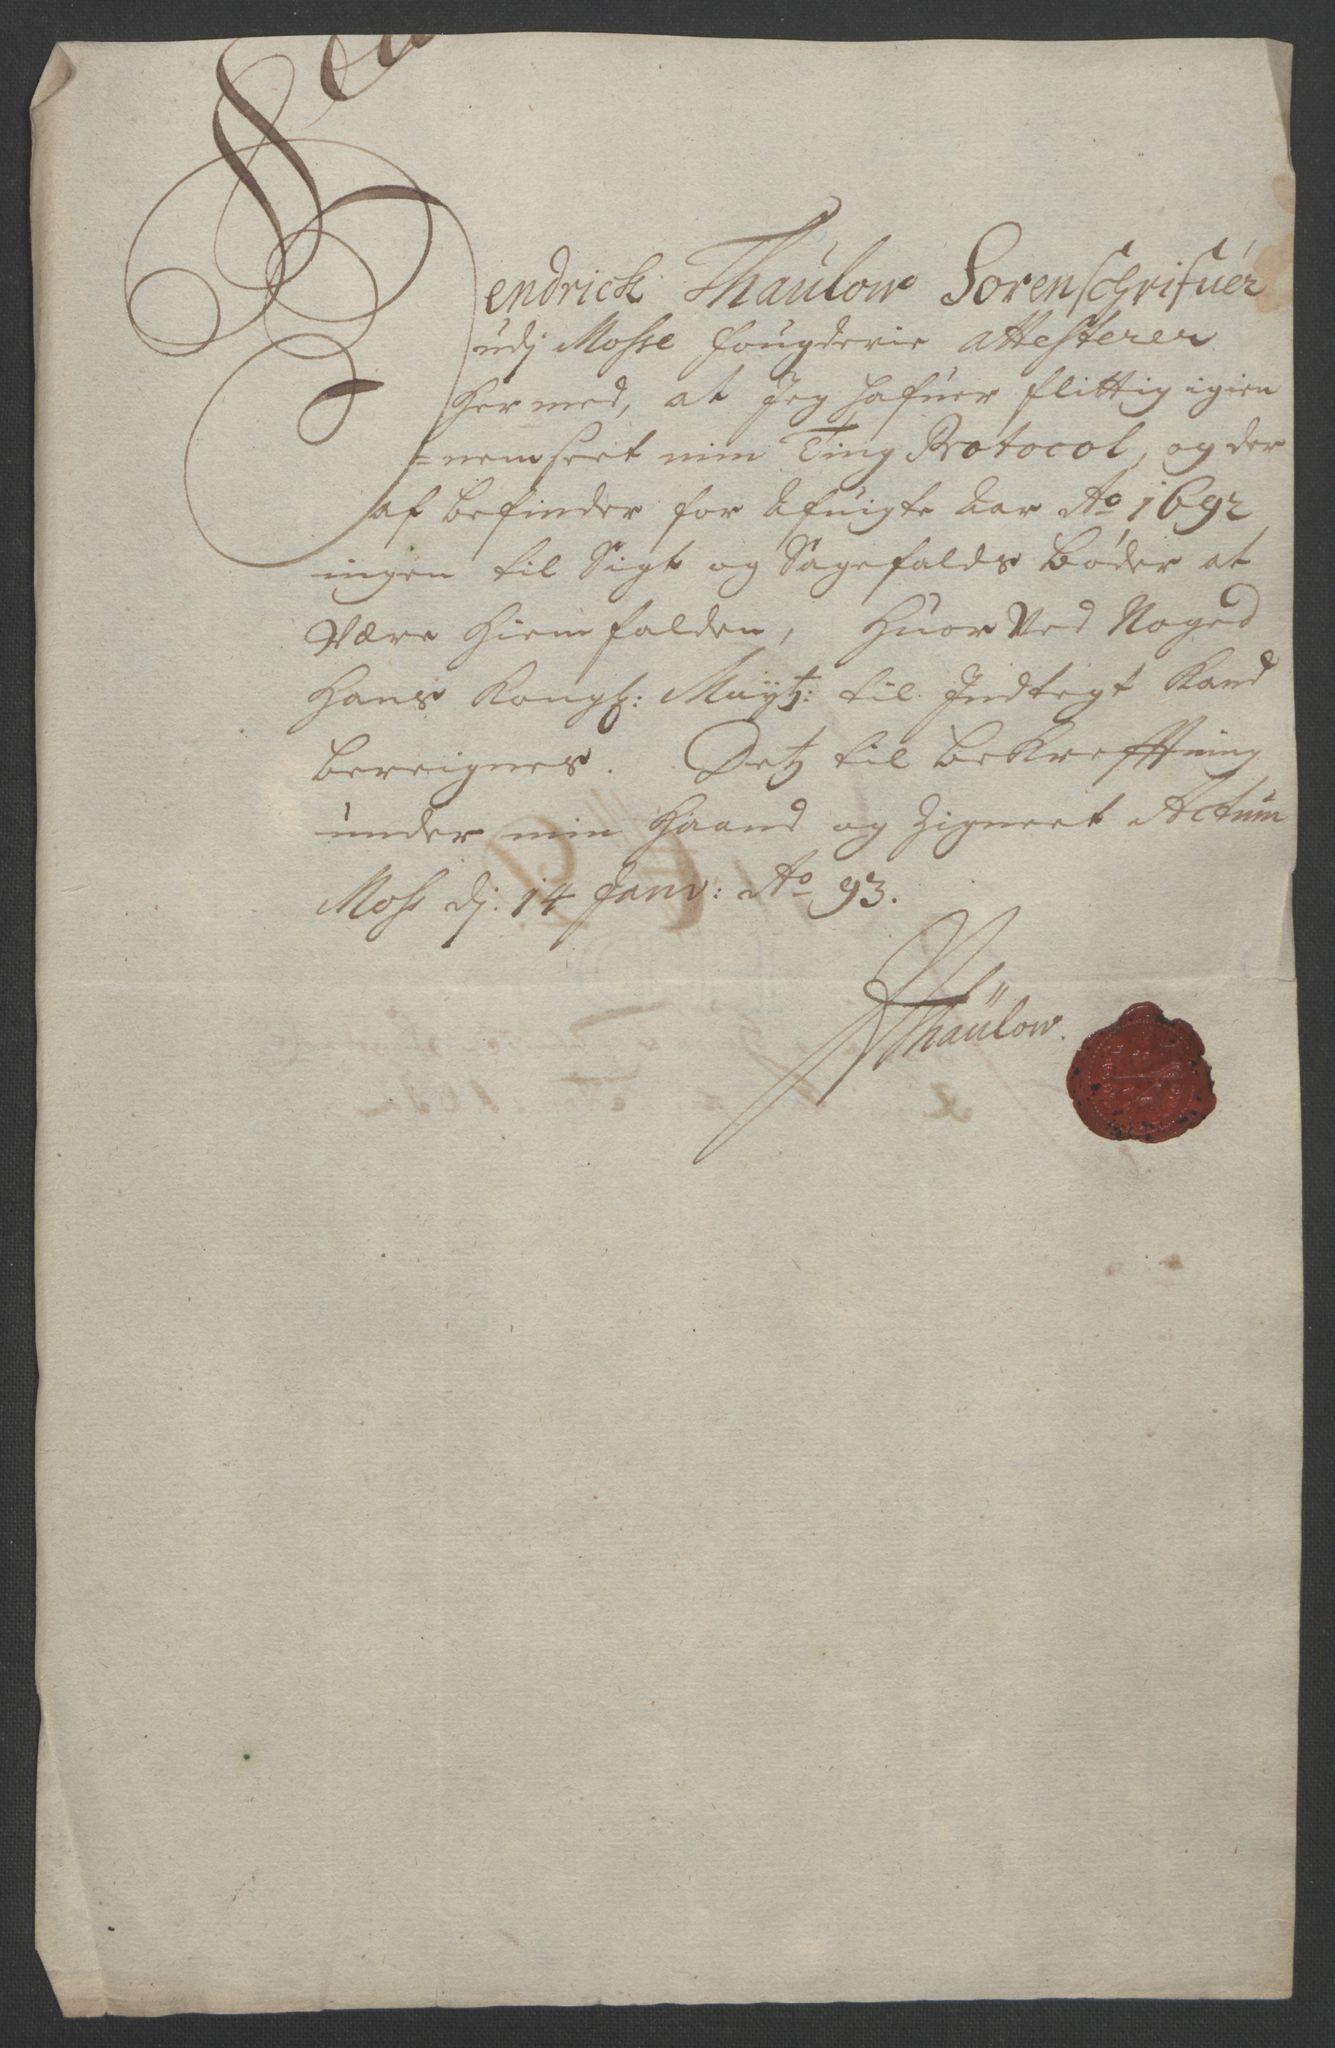 RA, Rentekammeret inntil 1814, Reviderte regnskaper, Fogderegnskap, R02/L0108: Fogderegnskap Moss og Verne kloster, 1692-1693, s. 60